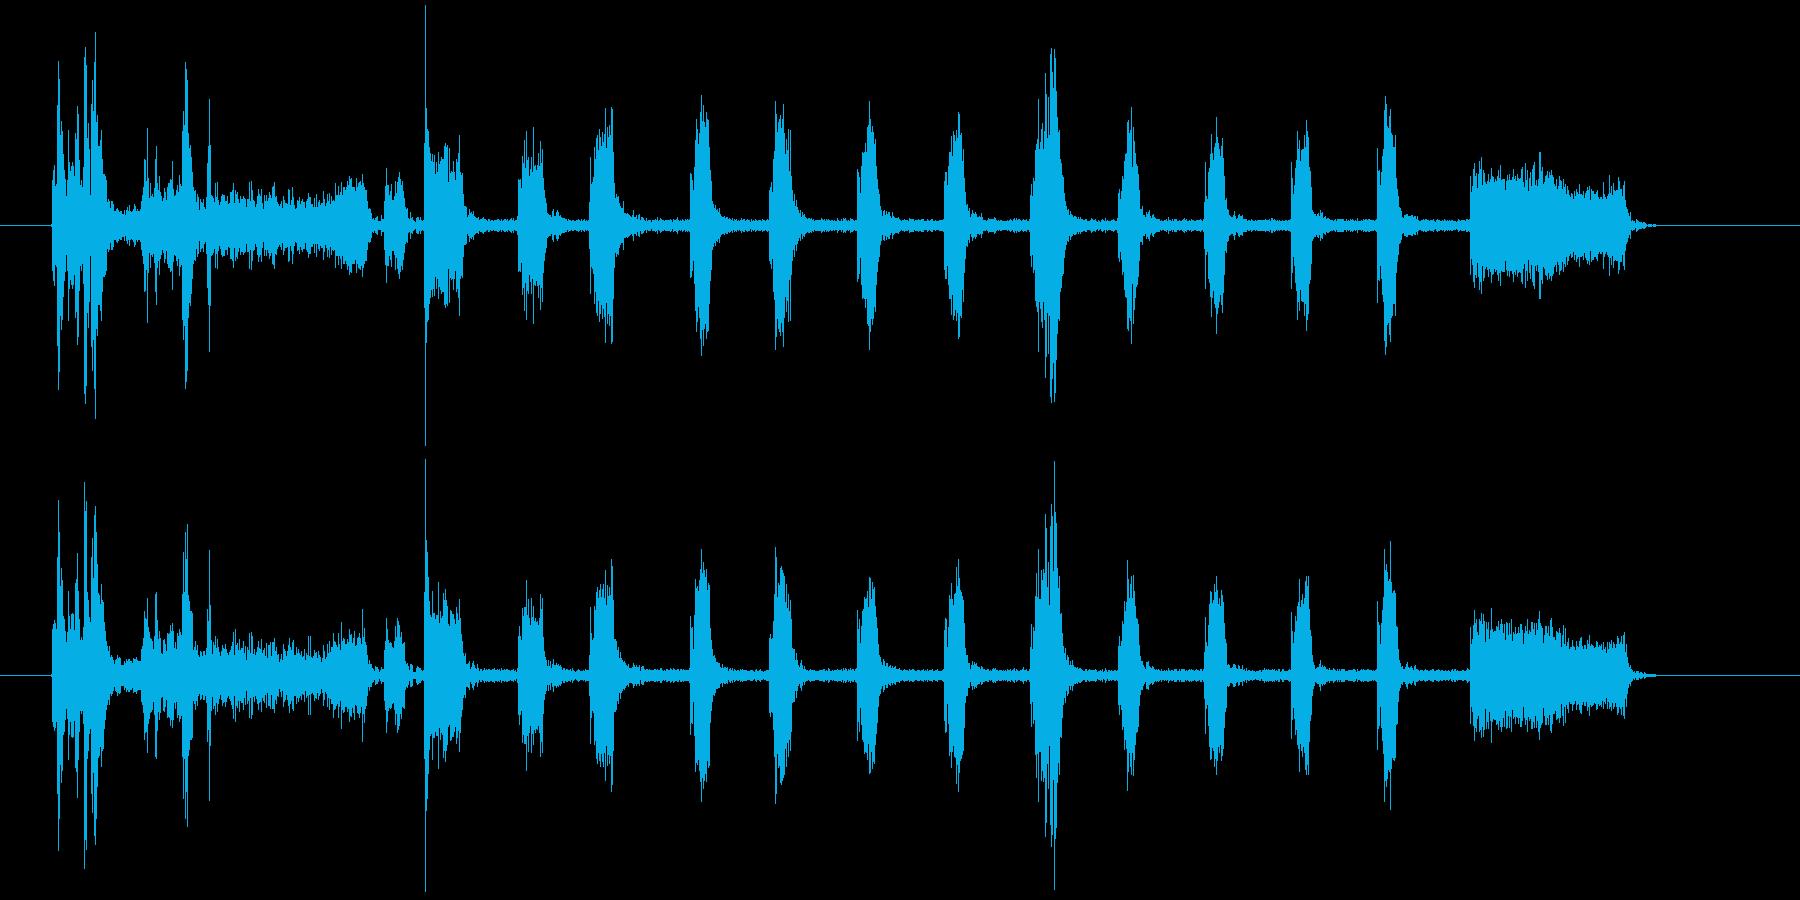 【生録音】家庭用プリンター01ショートの再生済みの波形